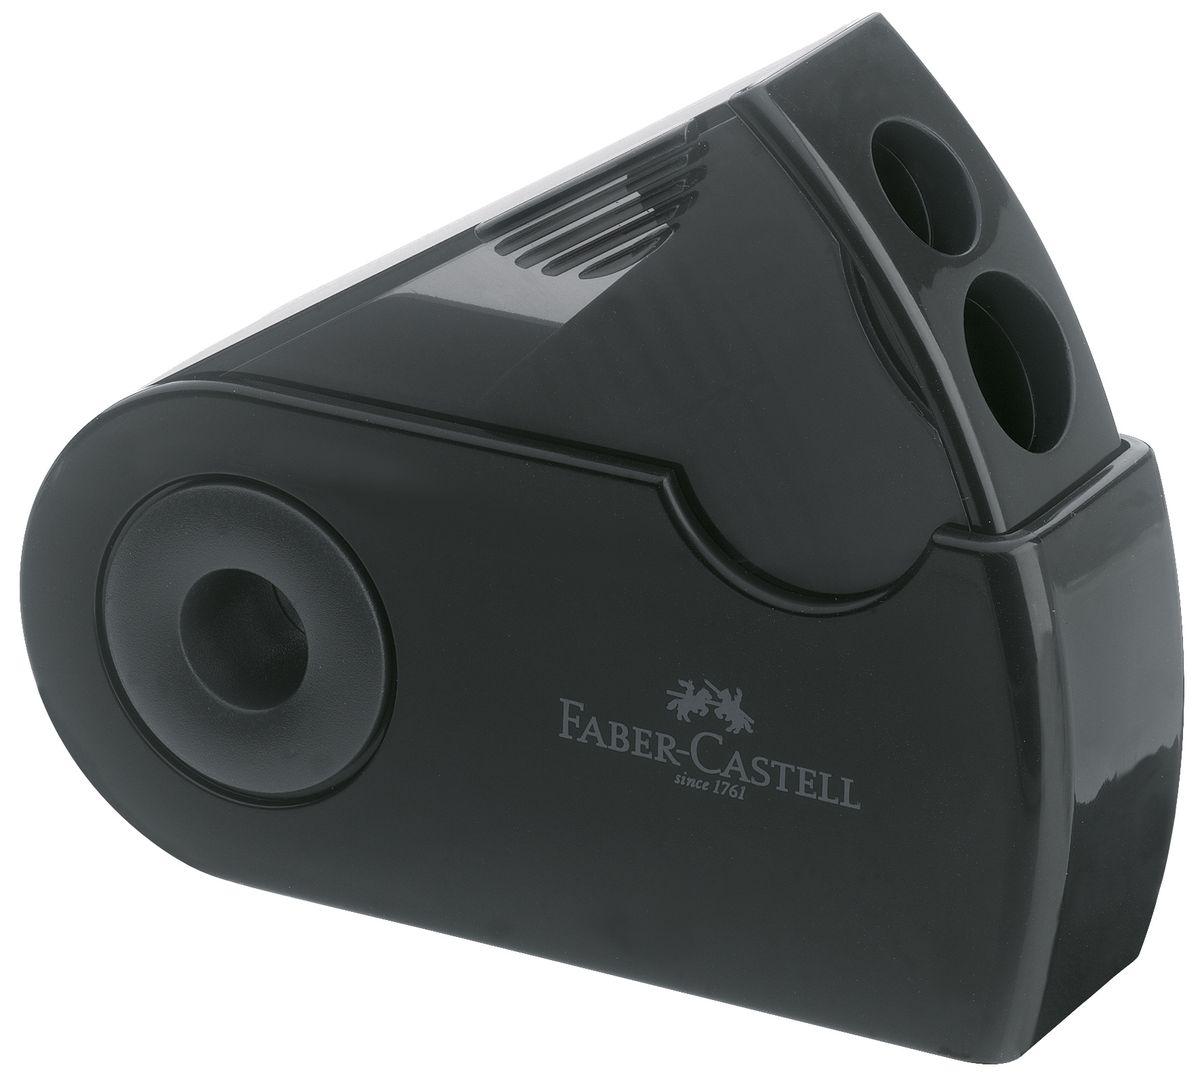 Faber-Castell Точилка двойная Sleeve цвет черный182700Двойная точилка Faber-Castell Sleeve выполнена из прочного пластика. В точилке имеются два отверстия для карандашей разного диаметра. Подходит для различных видов карандашей. Эргономичная форма контейнера обеспечивает стабильное положение кисти. Карандаш затачивается легко и аккуратно, а опилки после заточки остаются в специальном контейнере повышенной вместимости.